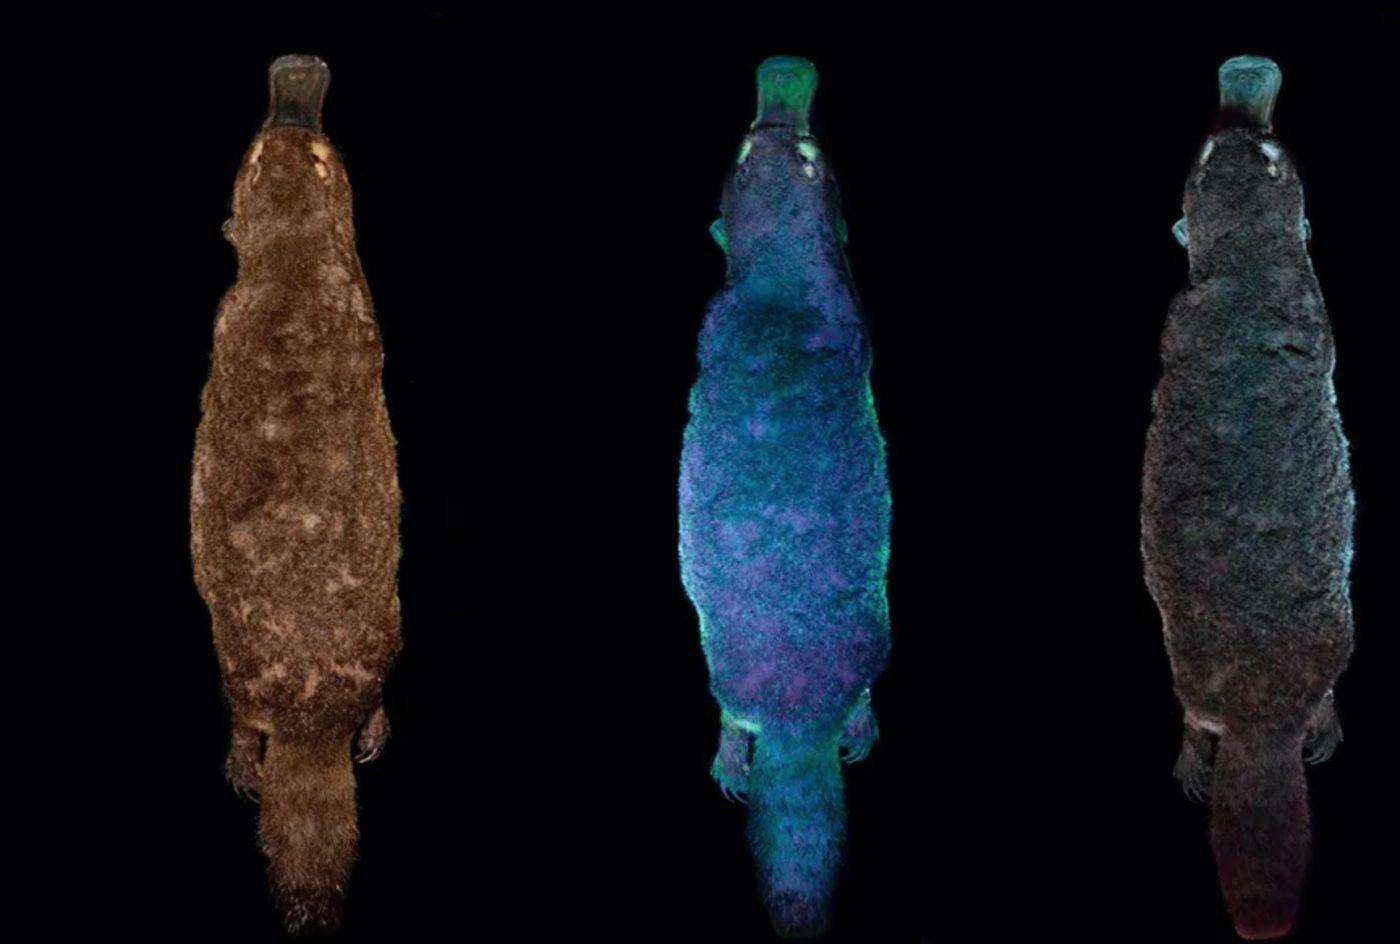 Утконосы светятся странным сине-зеленым светом под ультрафиолетовым светом